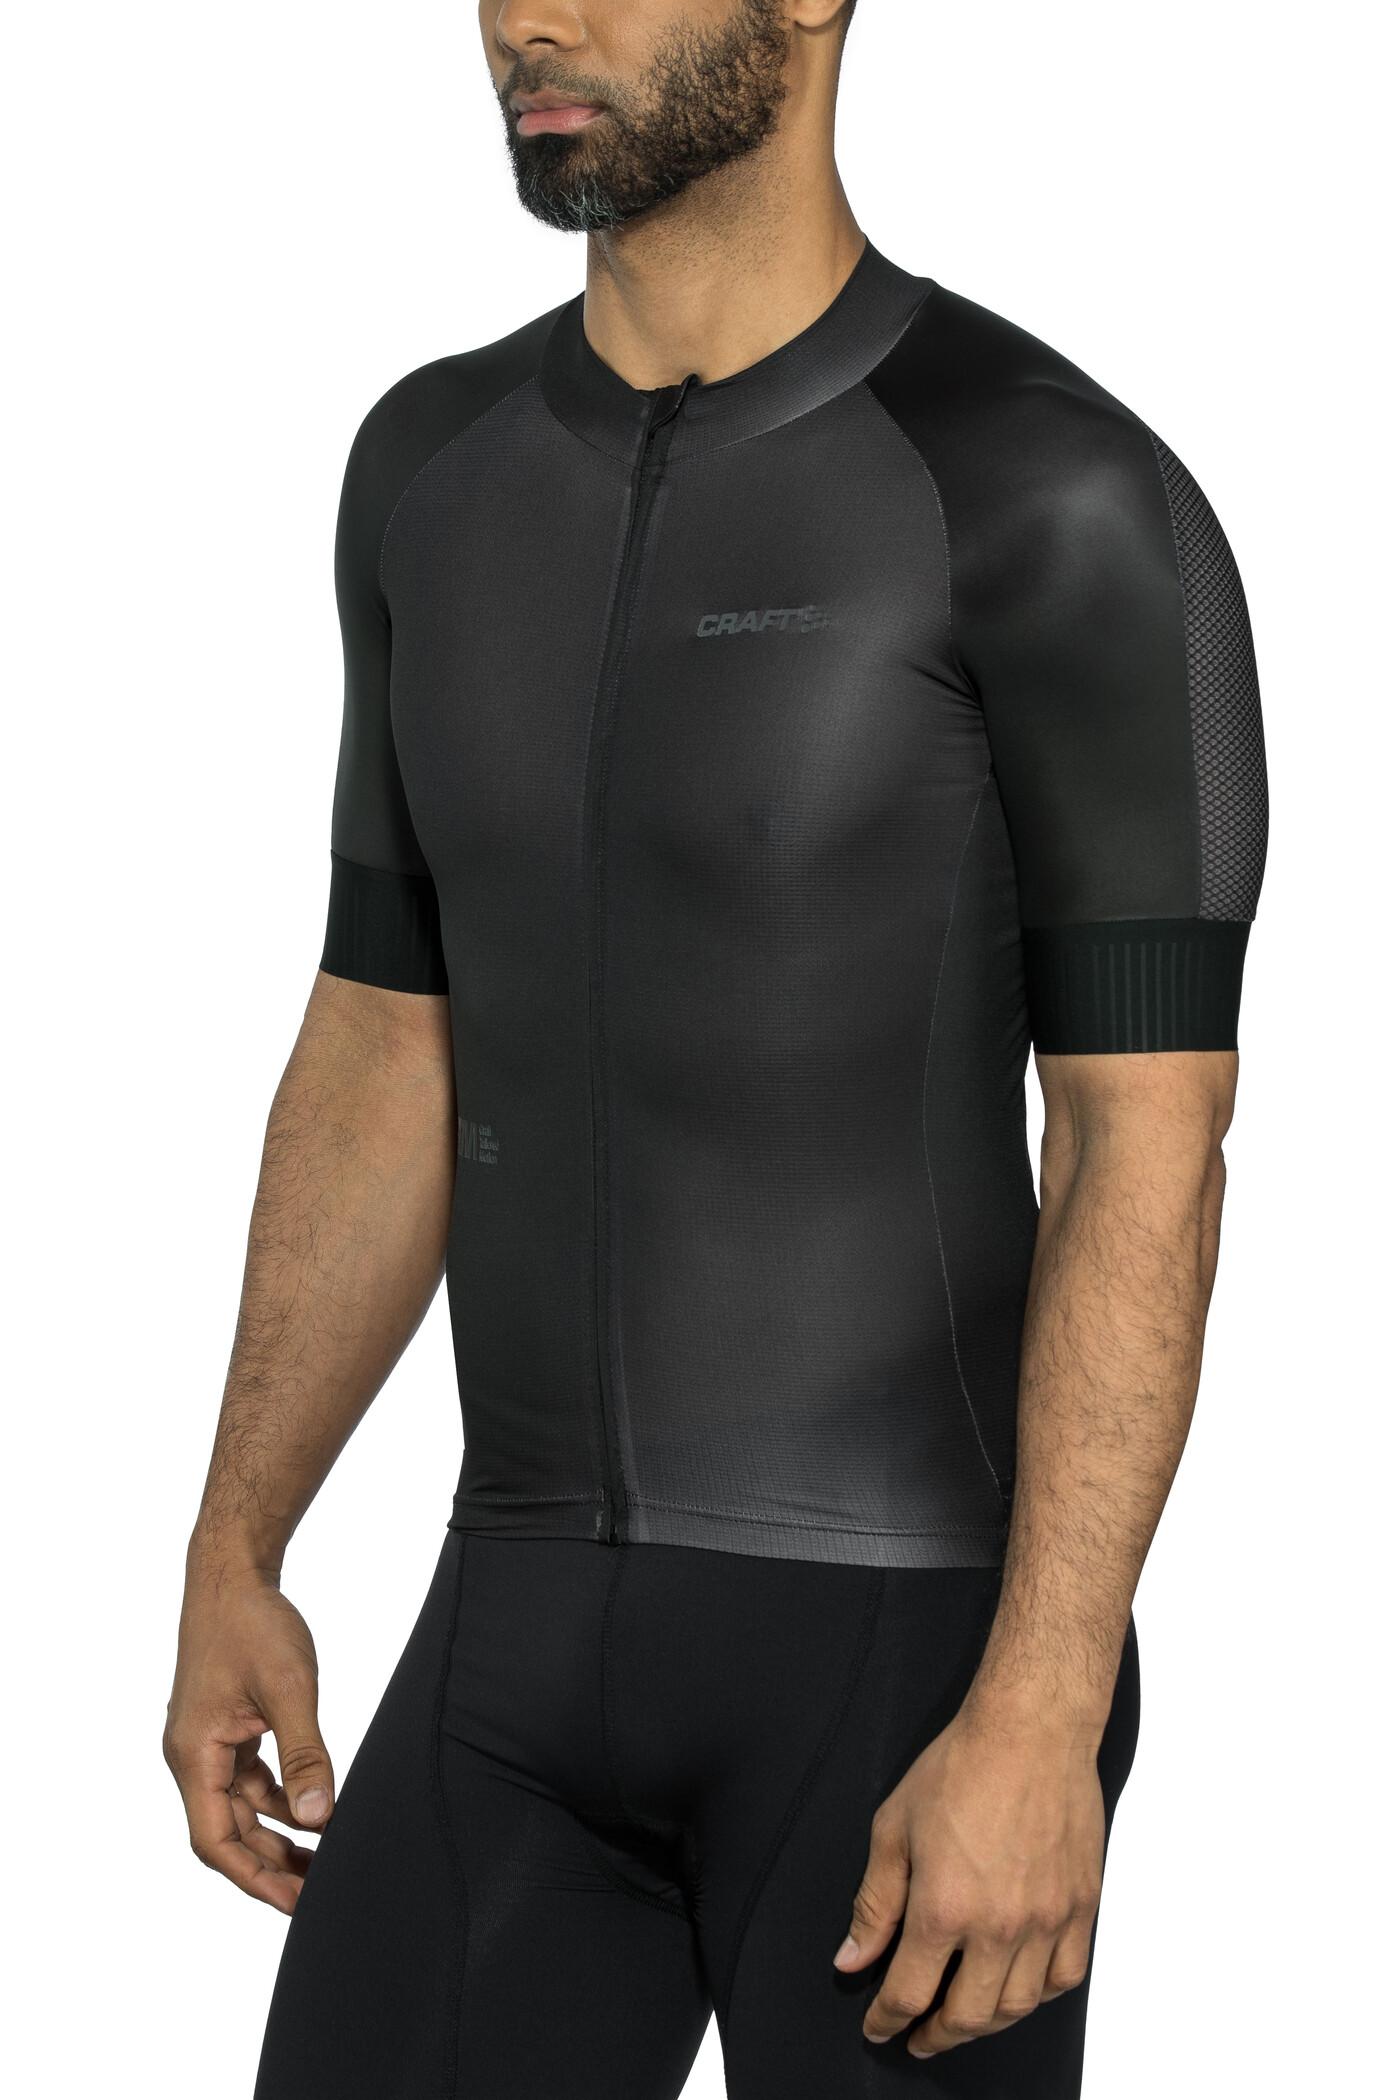 46146c4f7cc https://www.bikester.at/ked-pina-helmet-kids-nightblue-matt-886668 ...